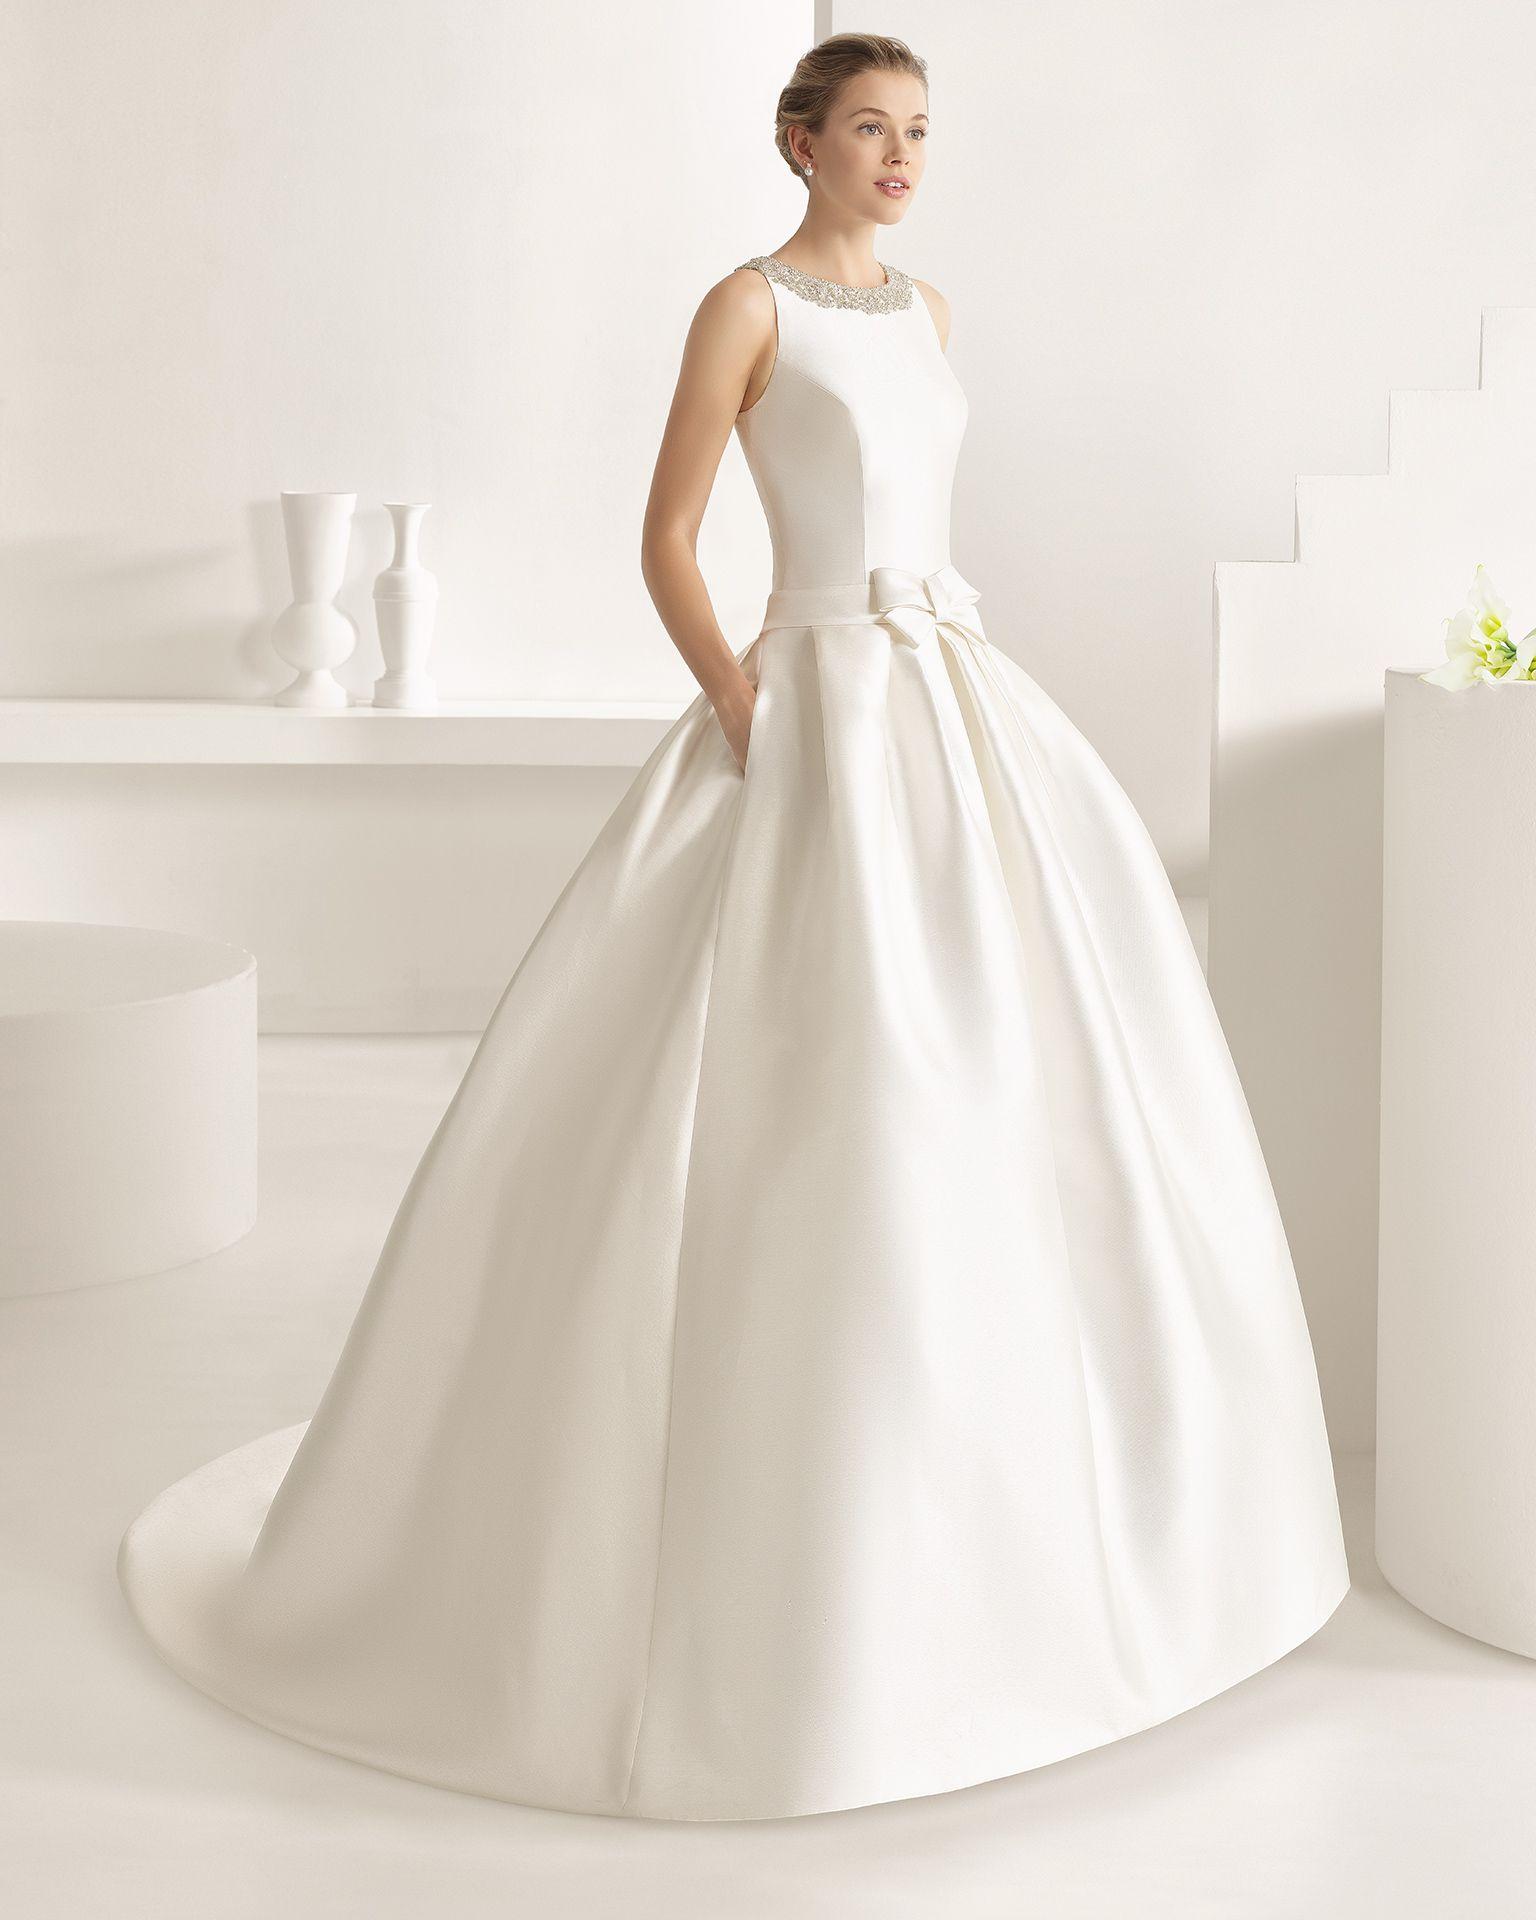 d75dc51adc OPALO traje de novia con cuello redondo y corte cadera.